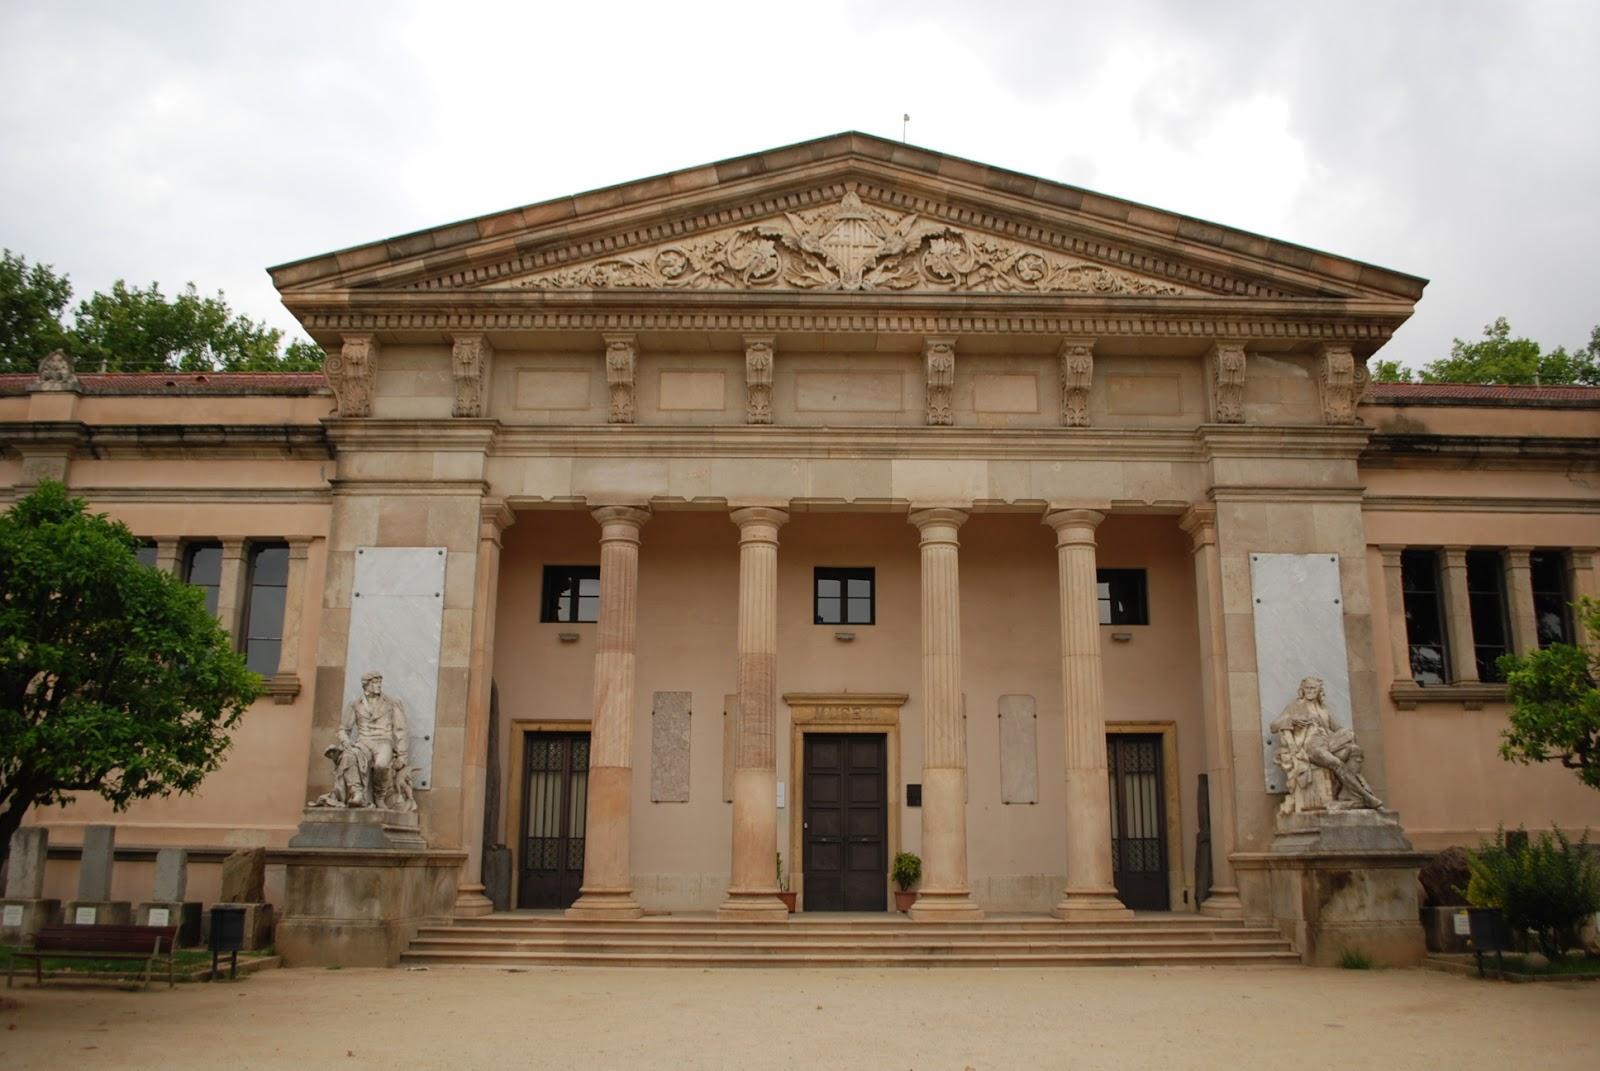 Музей геологии. Парк Цитадели (Сьютаделья, Ciutadella), Барселона, Каталония, Испания. Geology museum, Parc de la Ciutadella, Barcelona, Catalonia, Spain